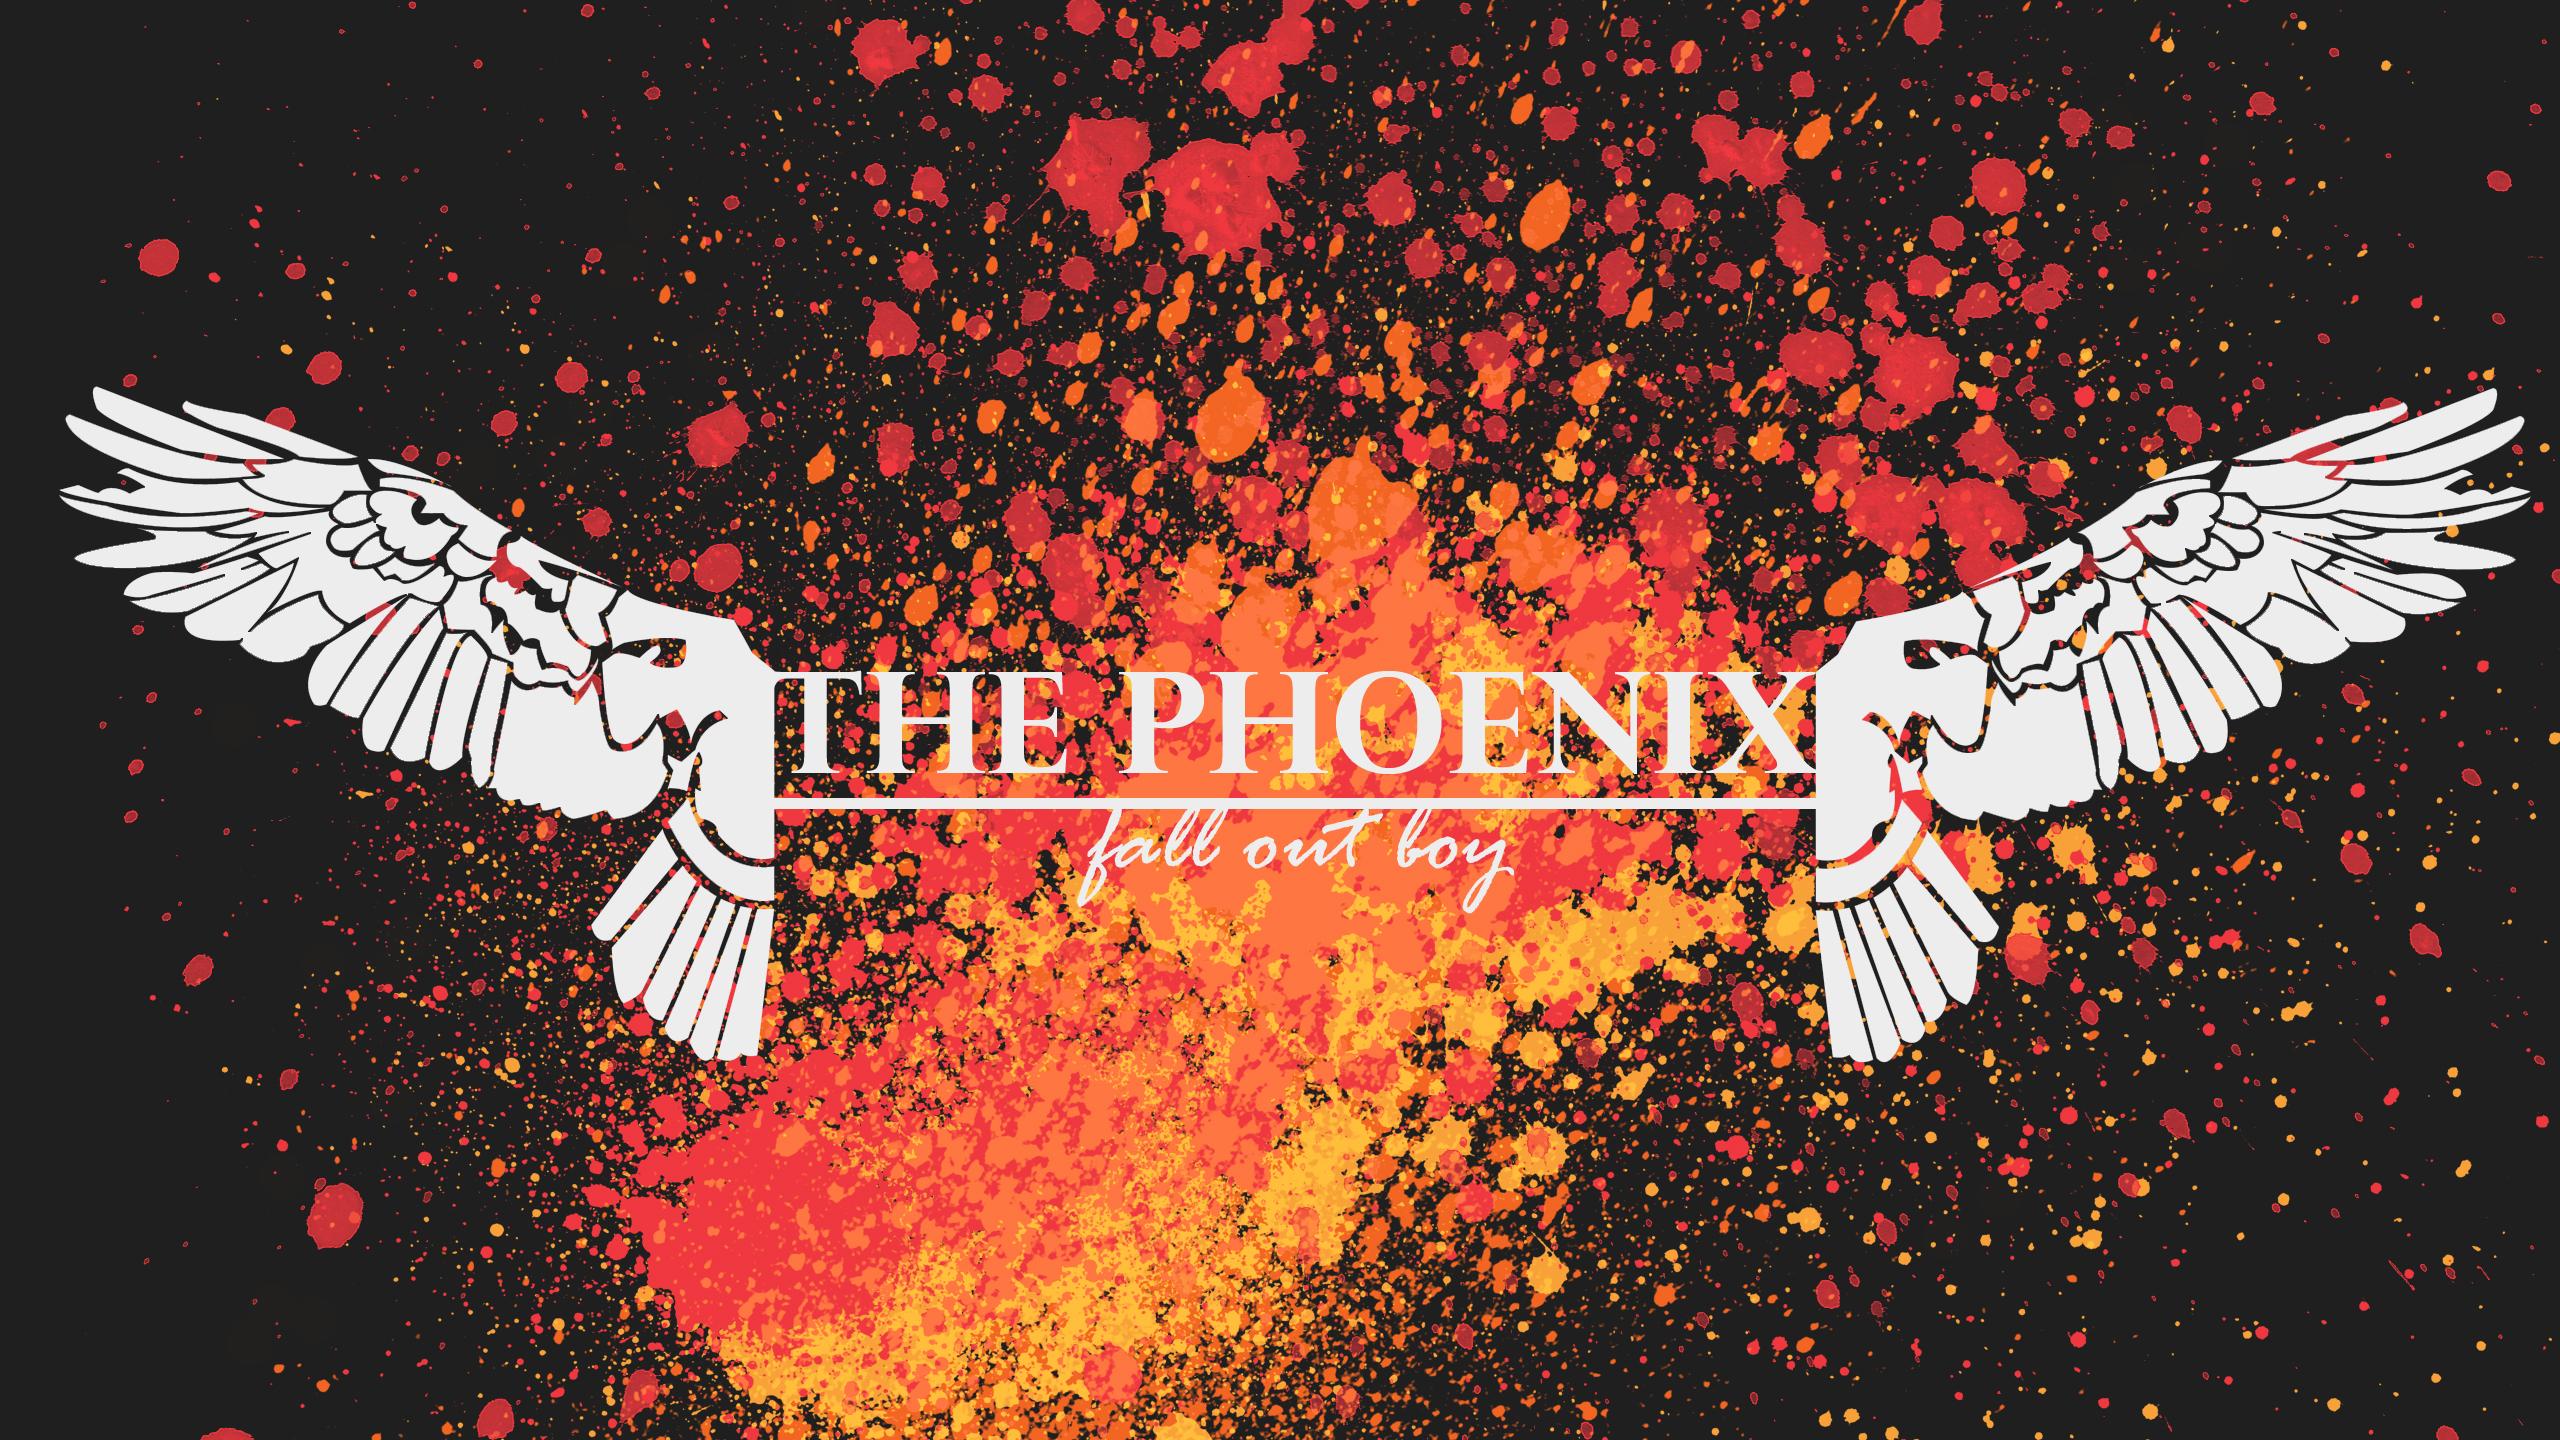 Fall Out Boy Tour Phoenix